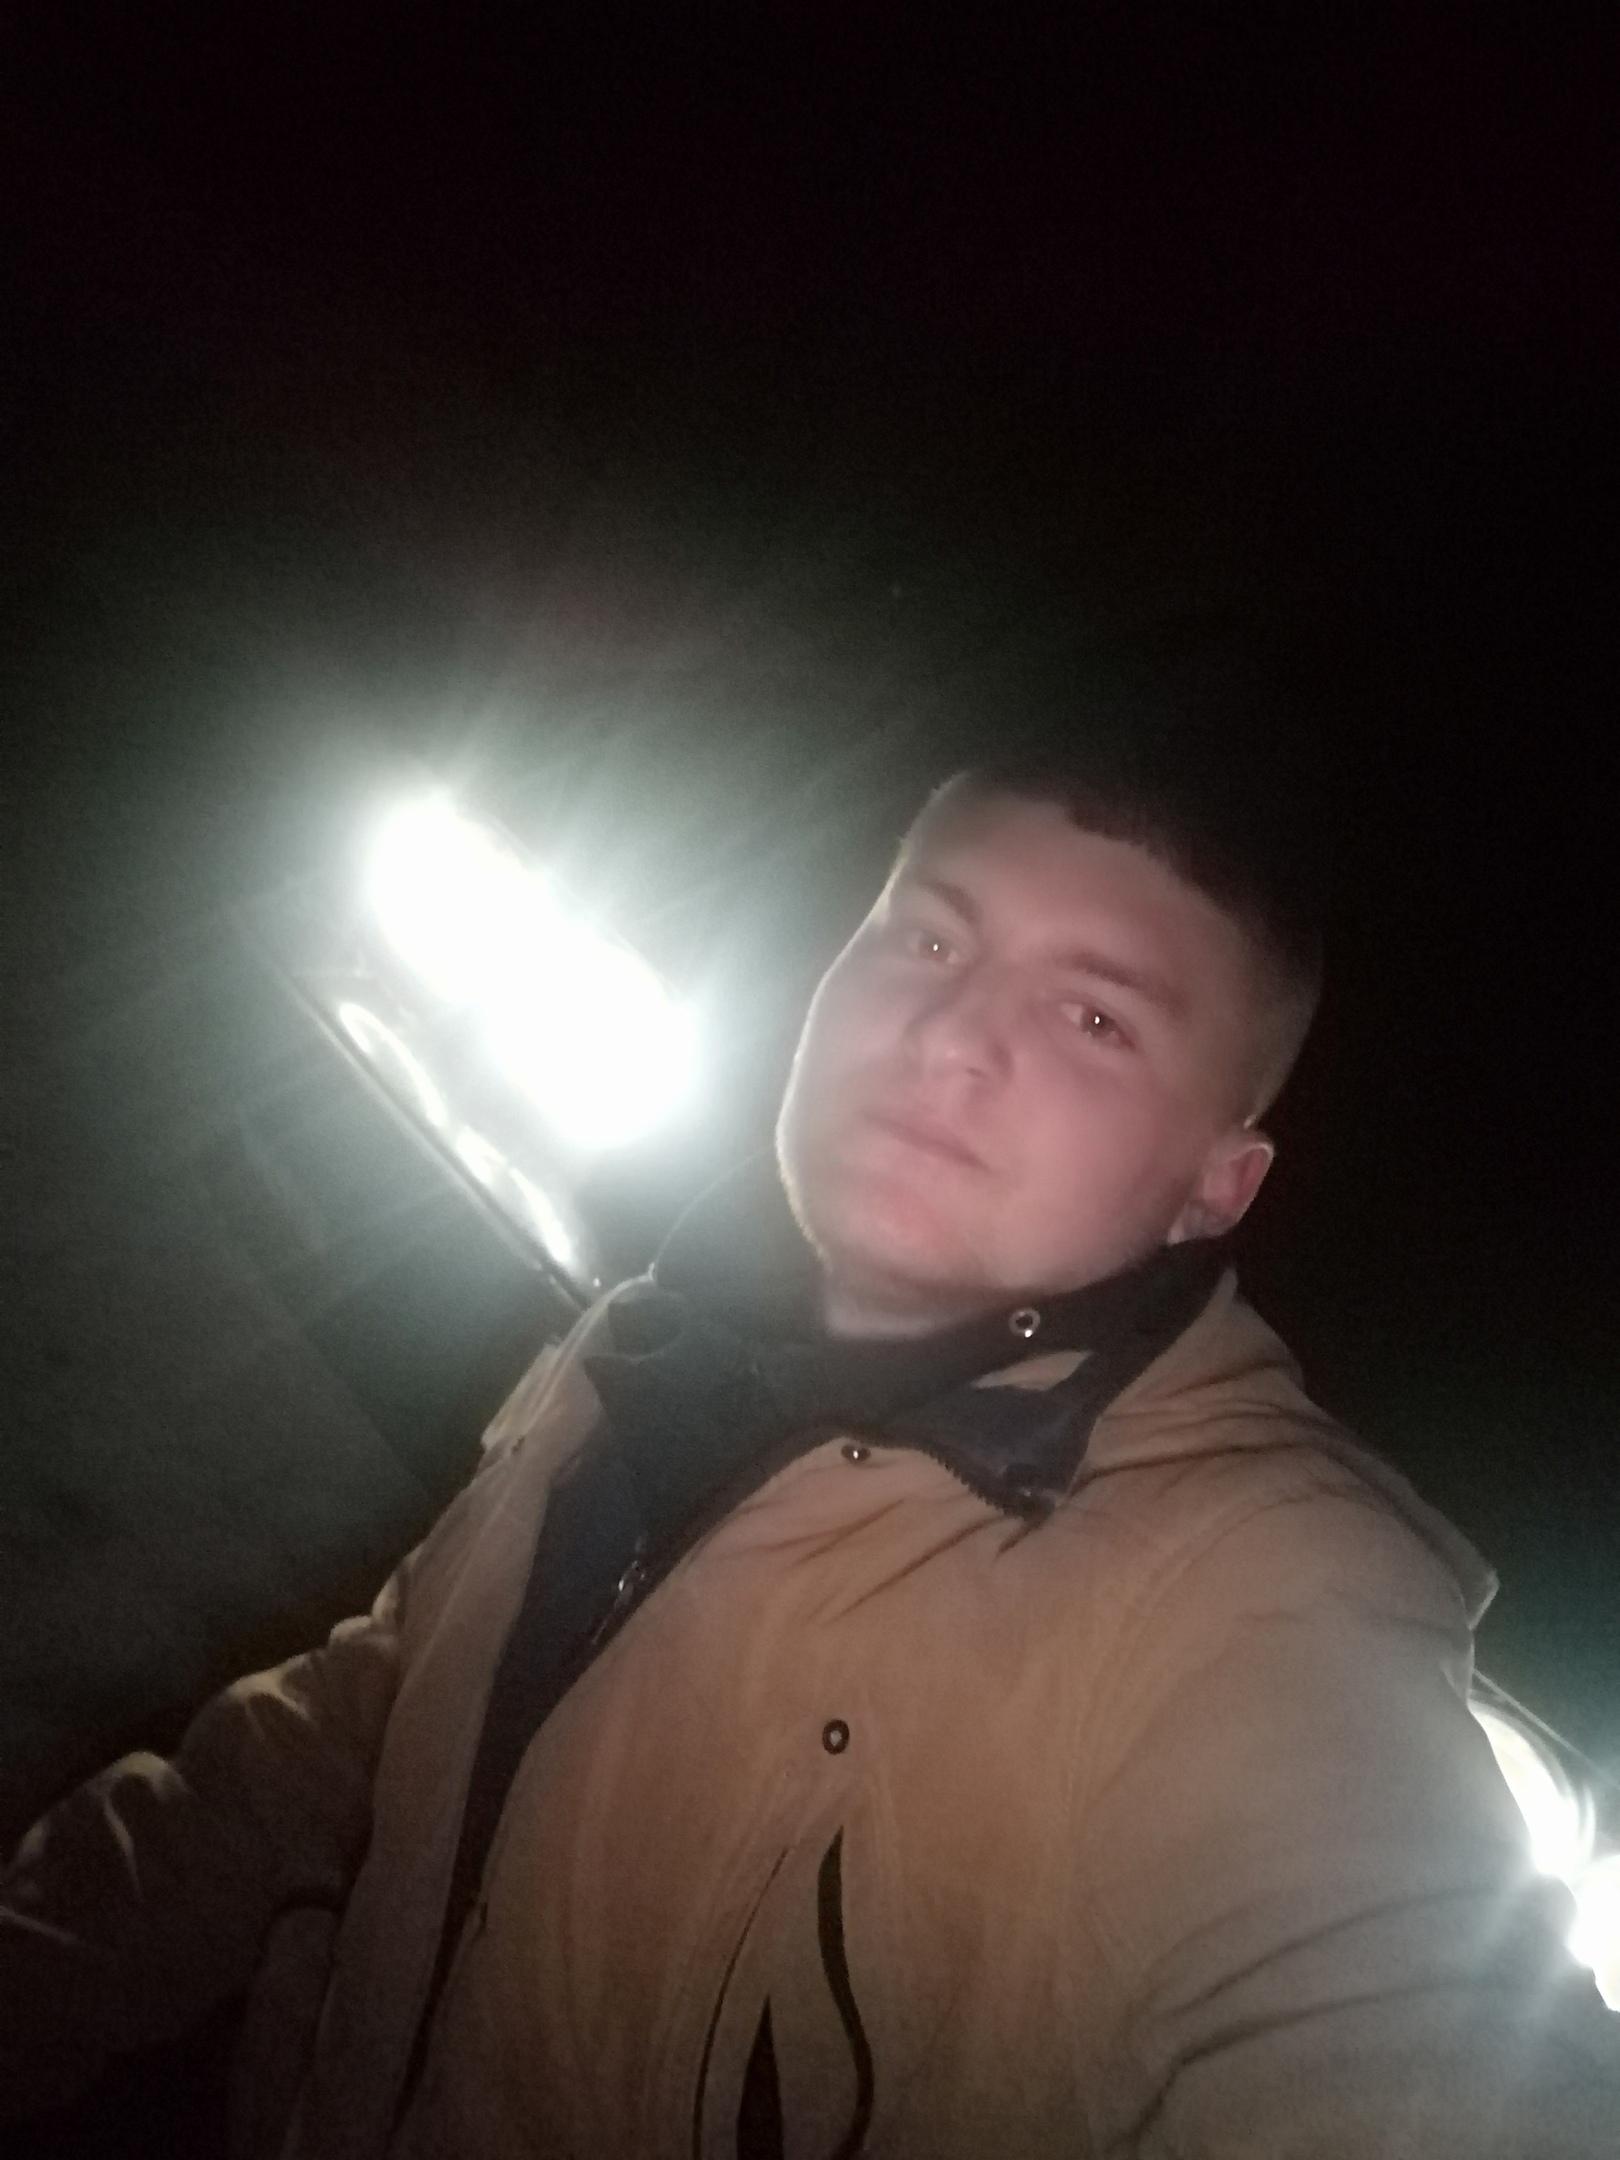 Сережа, 20, Усланка, Курская, Россия